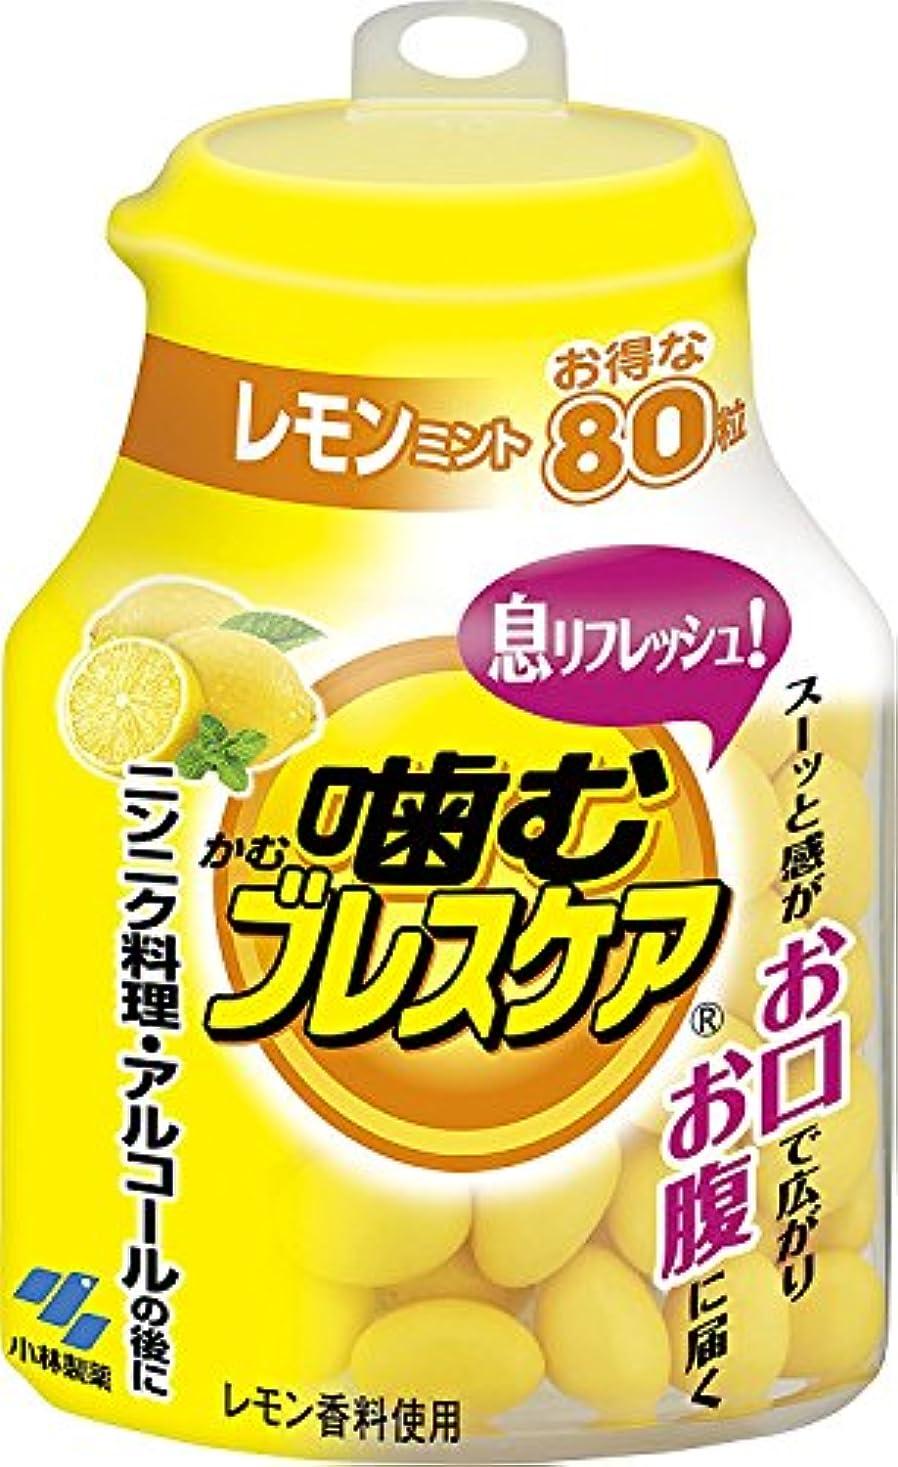 不透明な飾る買収噛むブレスケア 息リフレッシュグミ レモンミント ボトルタイプ お得な80粒